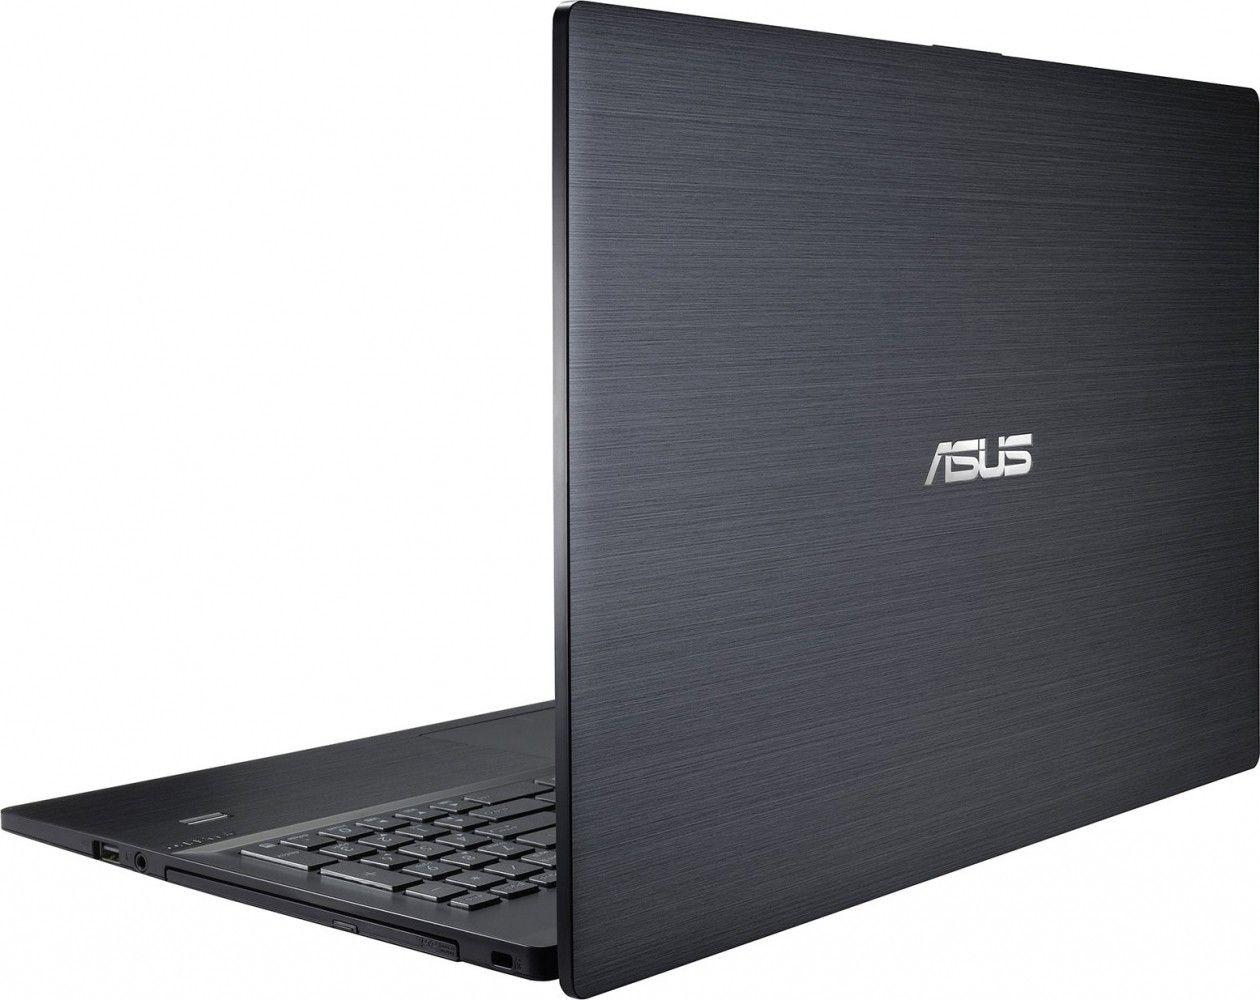 Ноутбук ASUS P2520LA Black (P2520LA-XO0131R) - 2